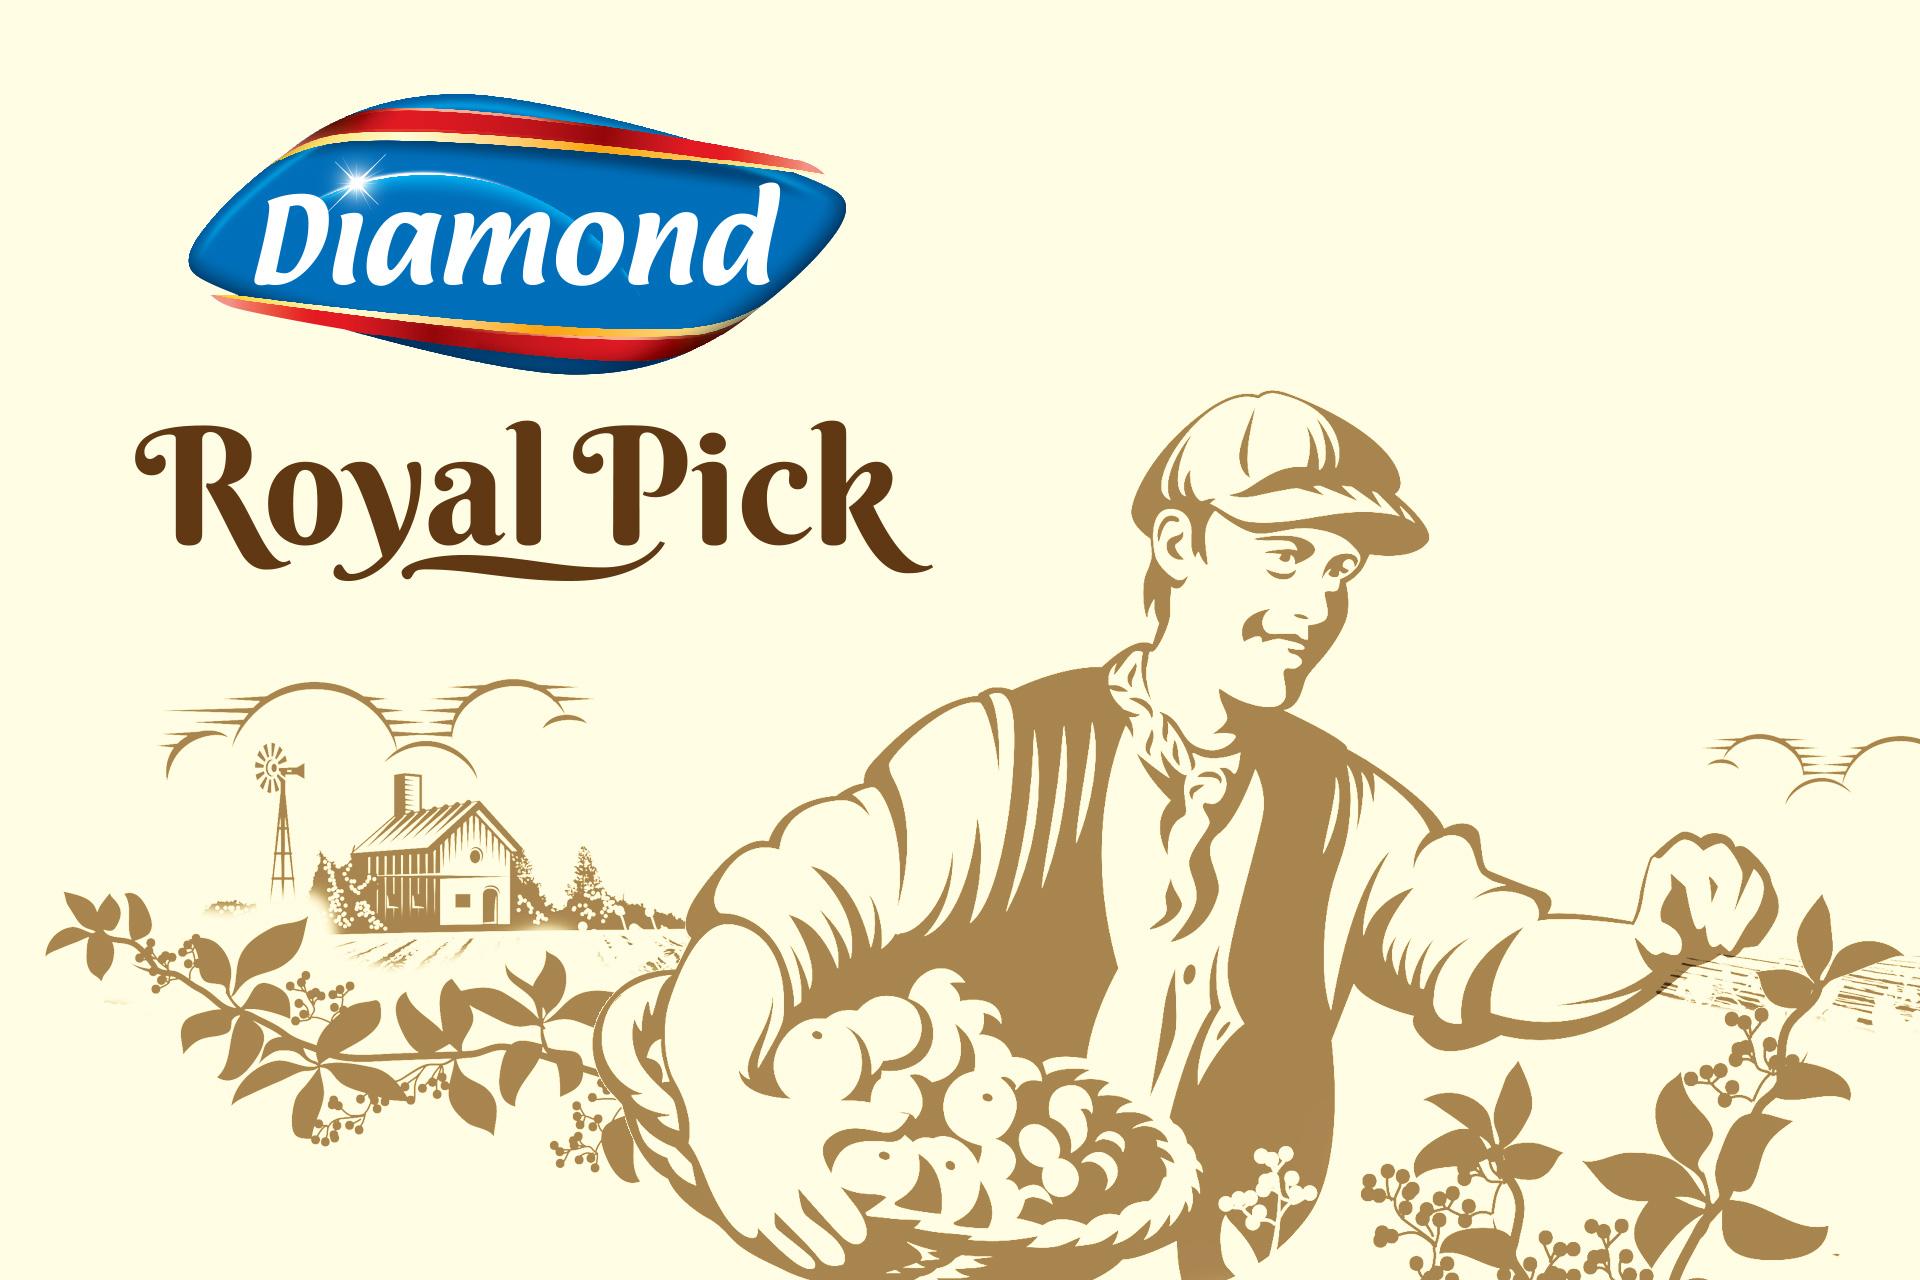 Diamond Royal Pick Preserve